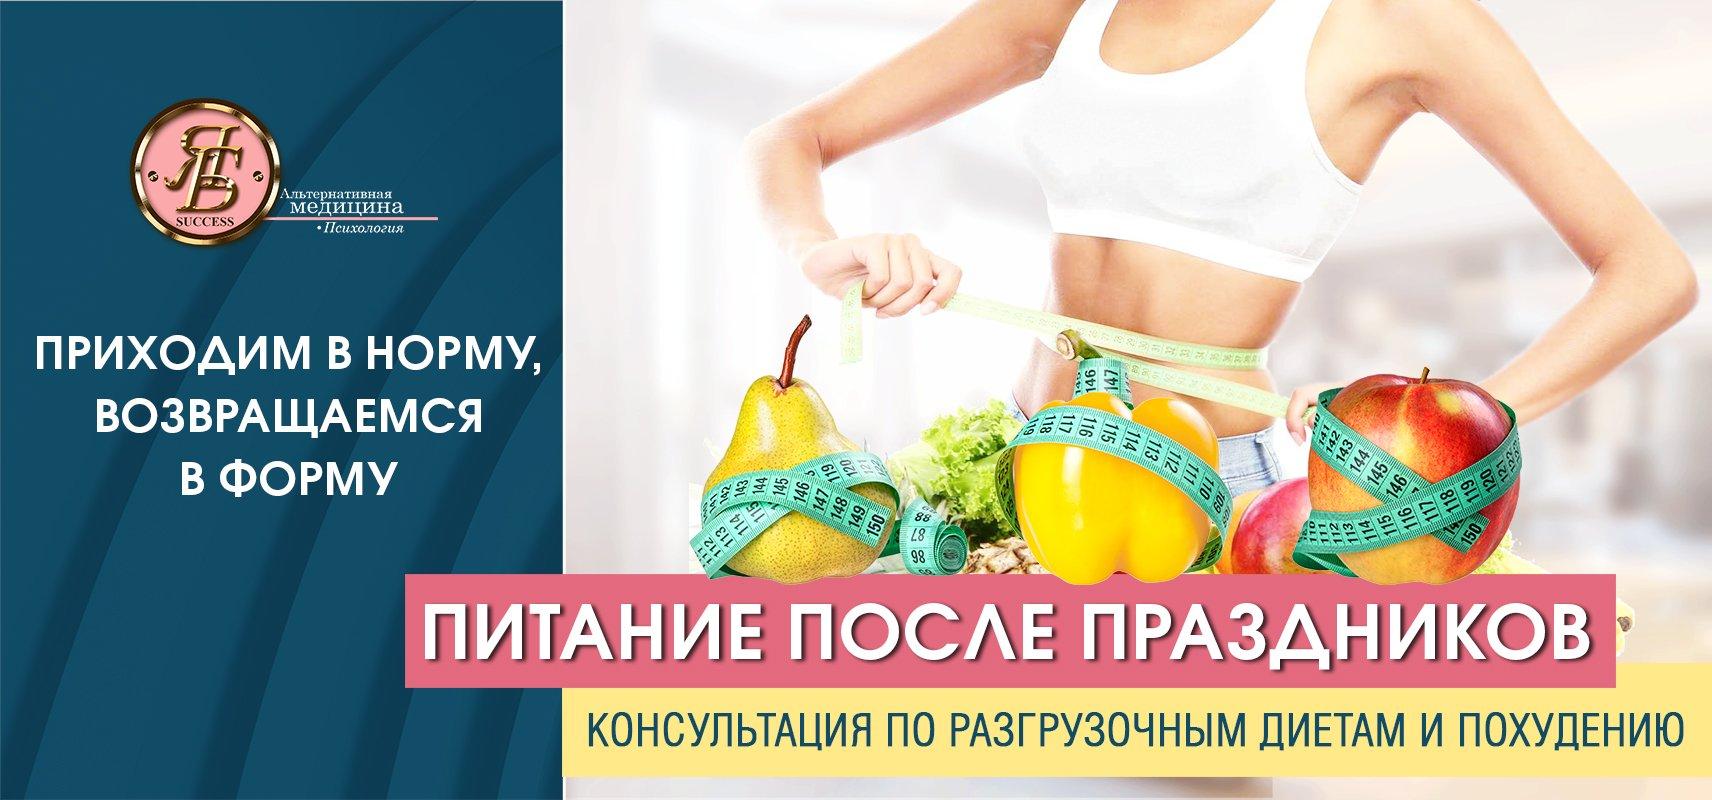 Психологическая Программа По Похудению.